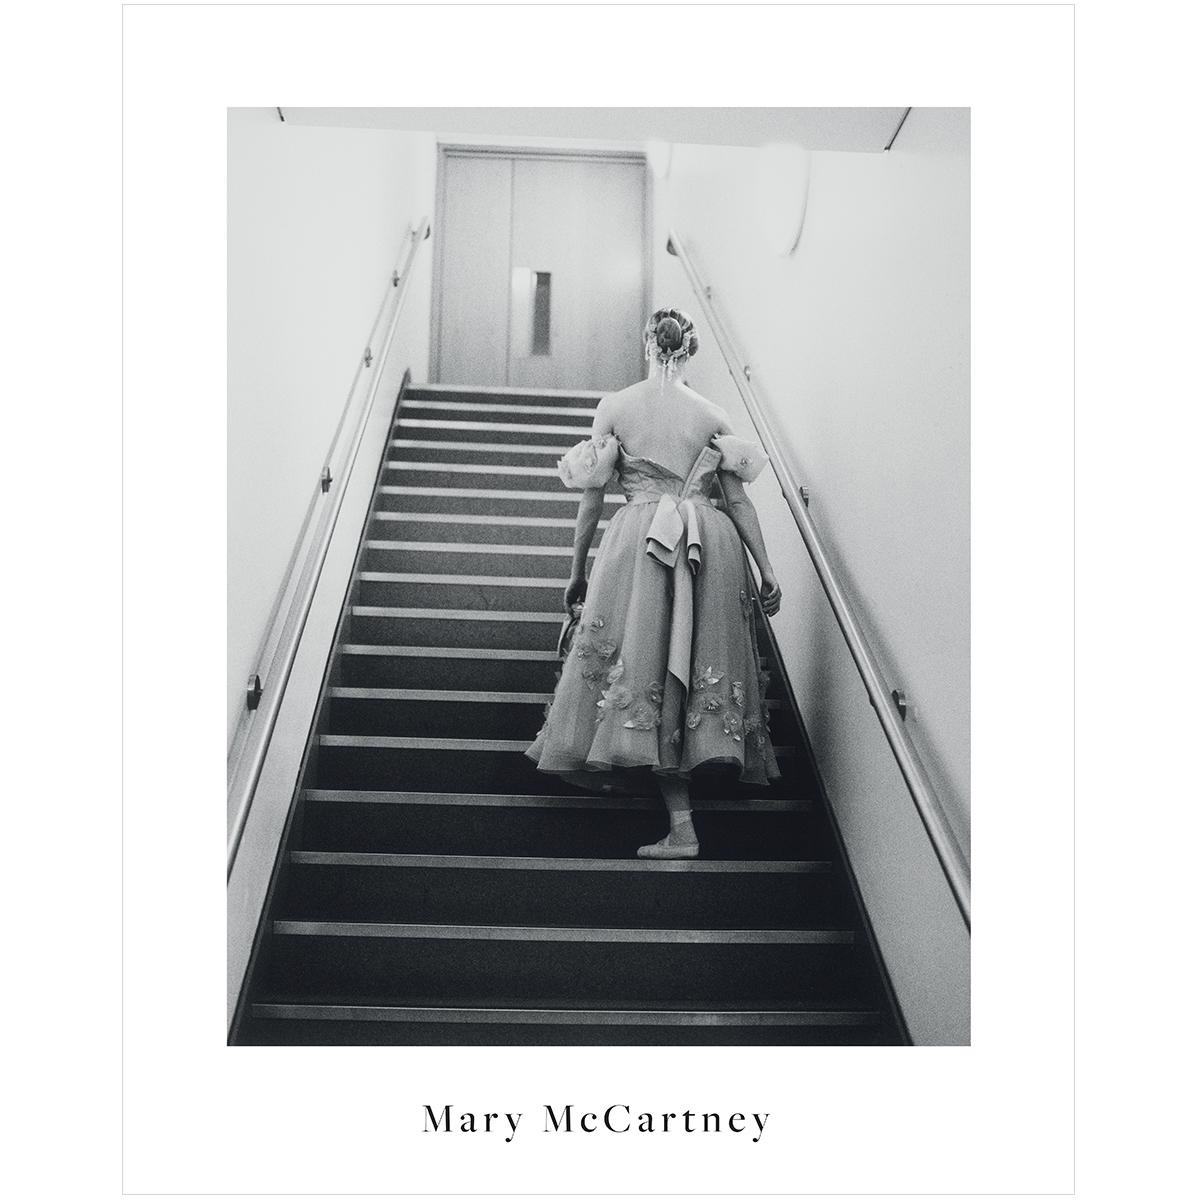 V&A Mary McCartney print